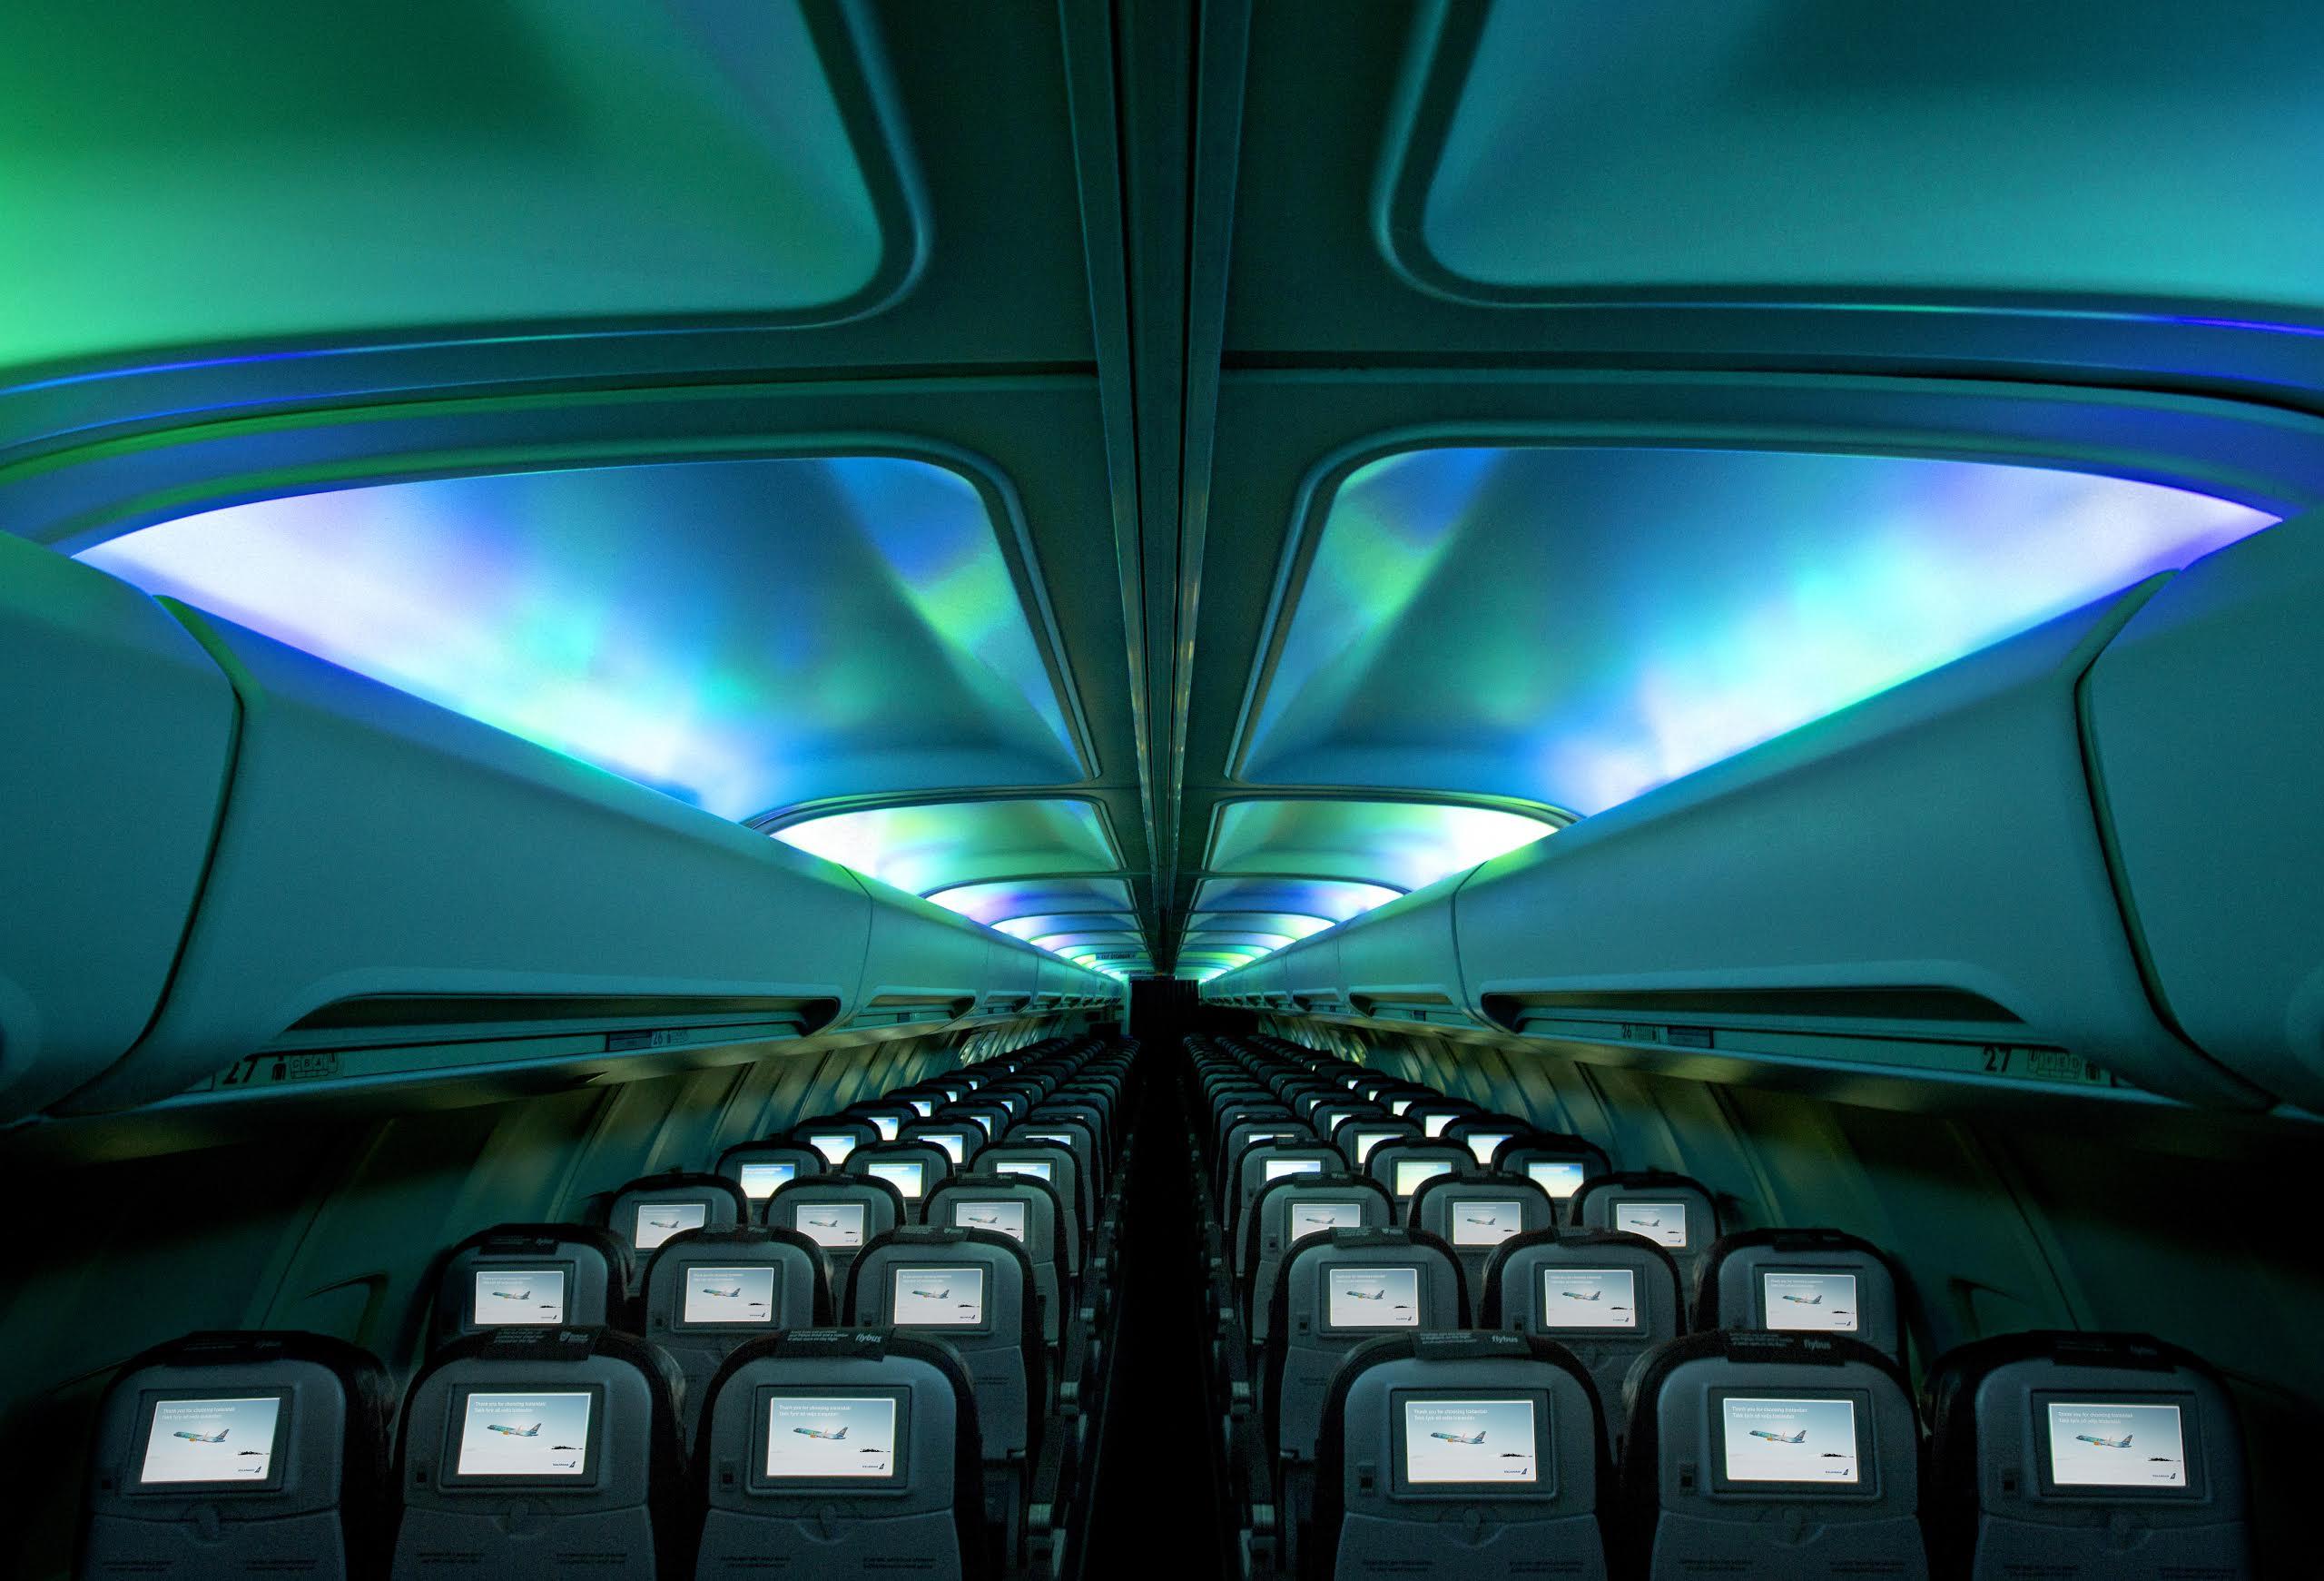 Icelandair convierte uno de sus aviones en aurora boreal